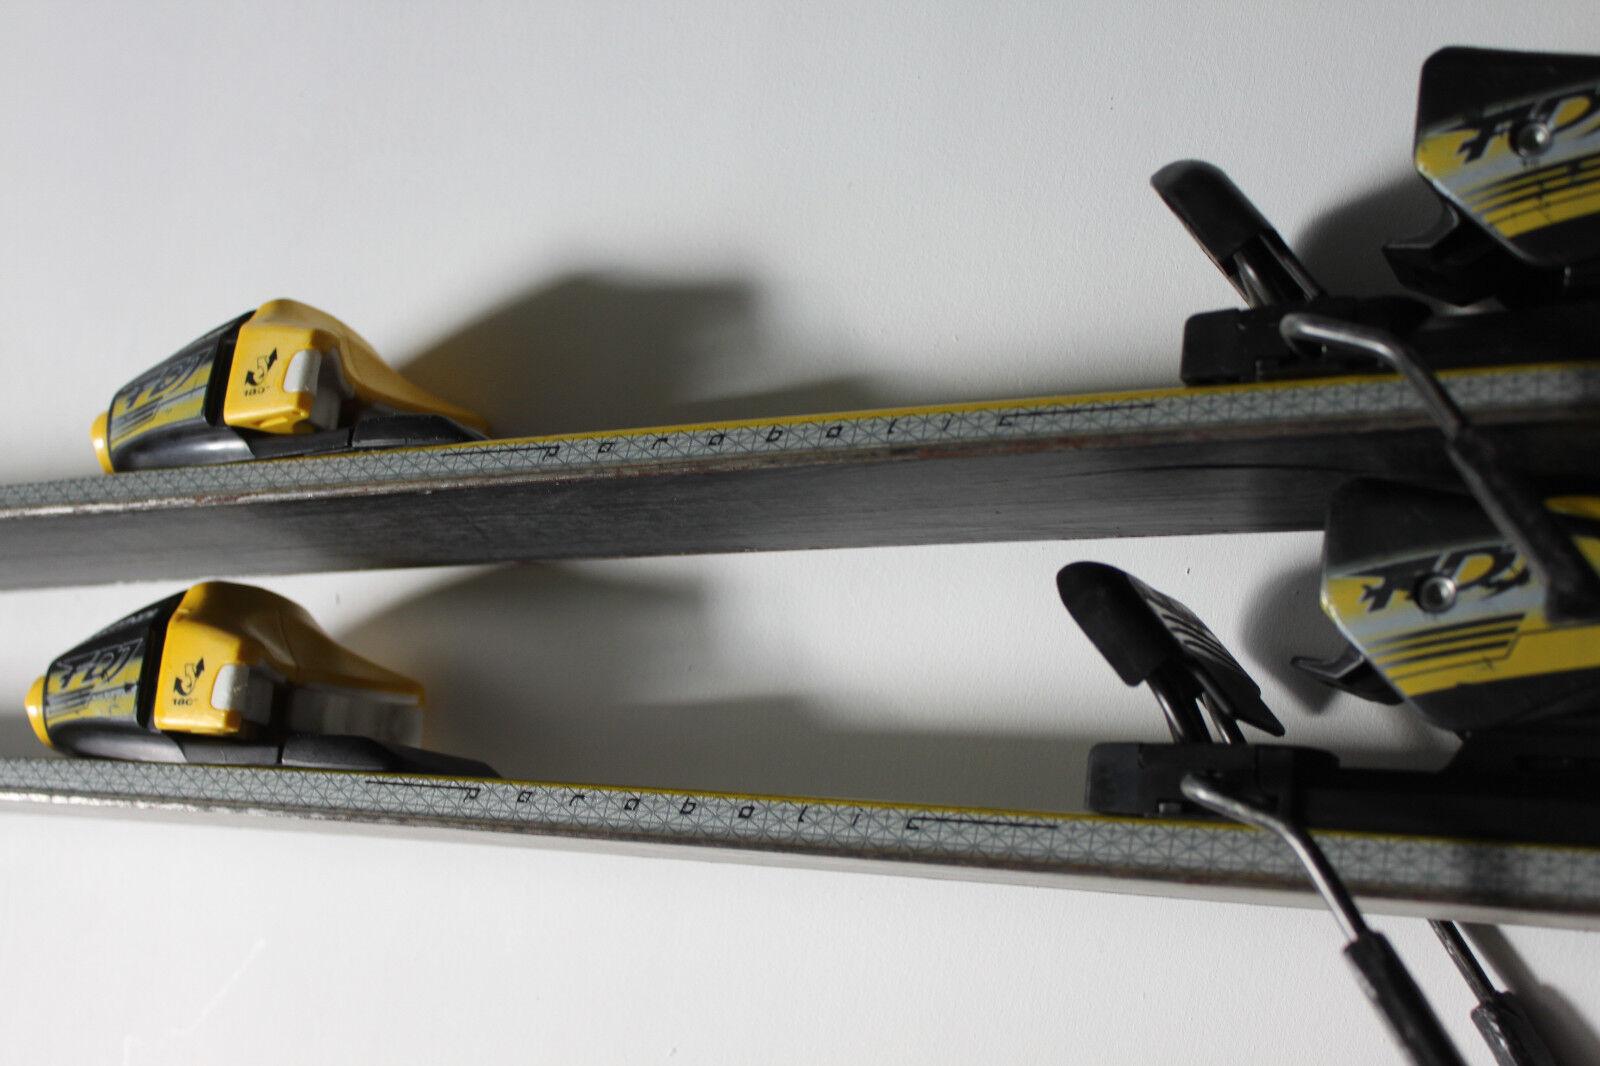 CARVING CARVING CARVING CARVER CARVINGSKI Elan Parabolic SKI Lg. 143 cm + Bindung Rossignol 2a7c75